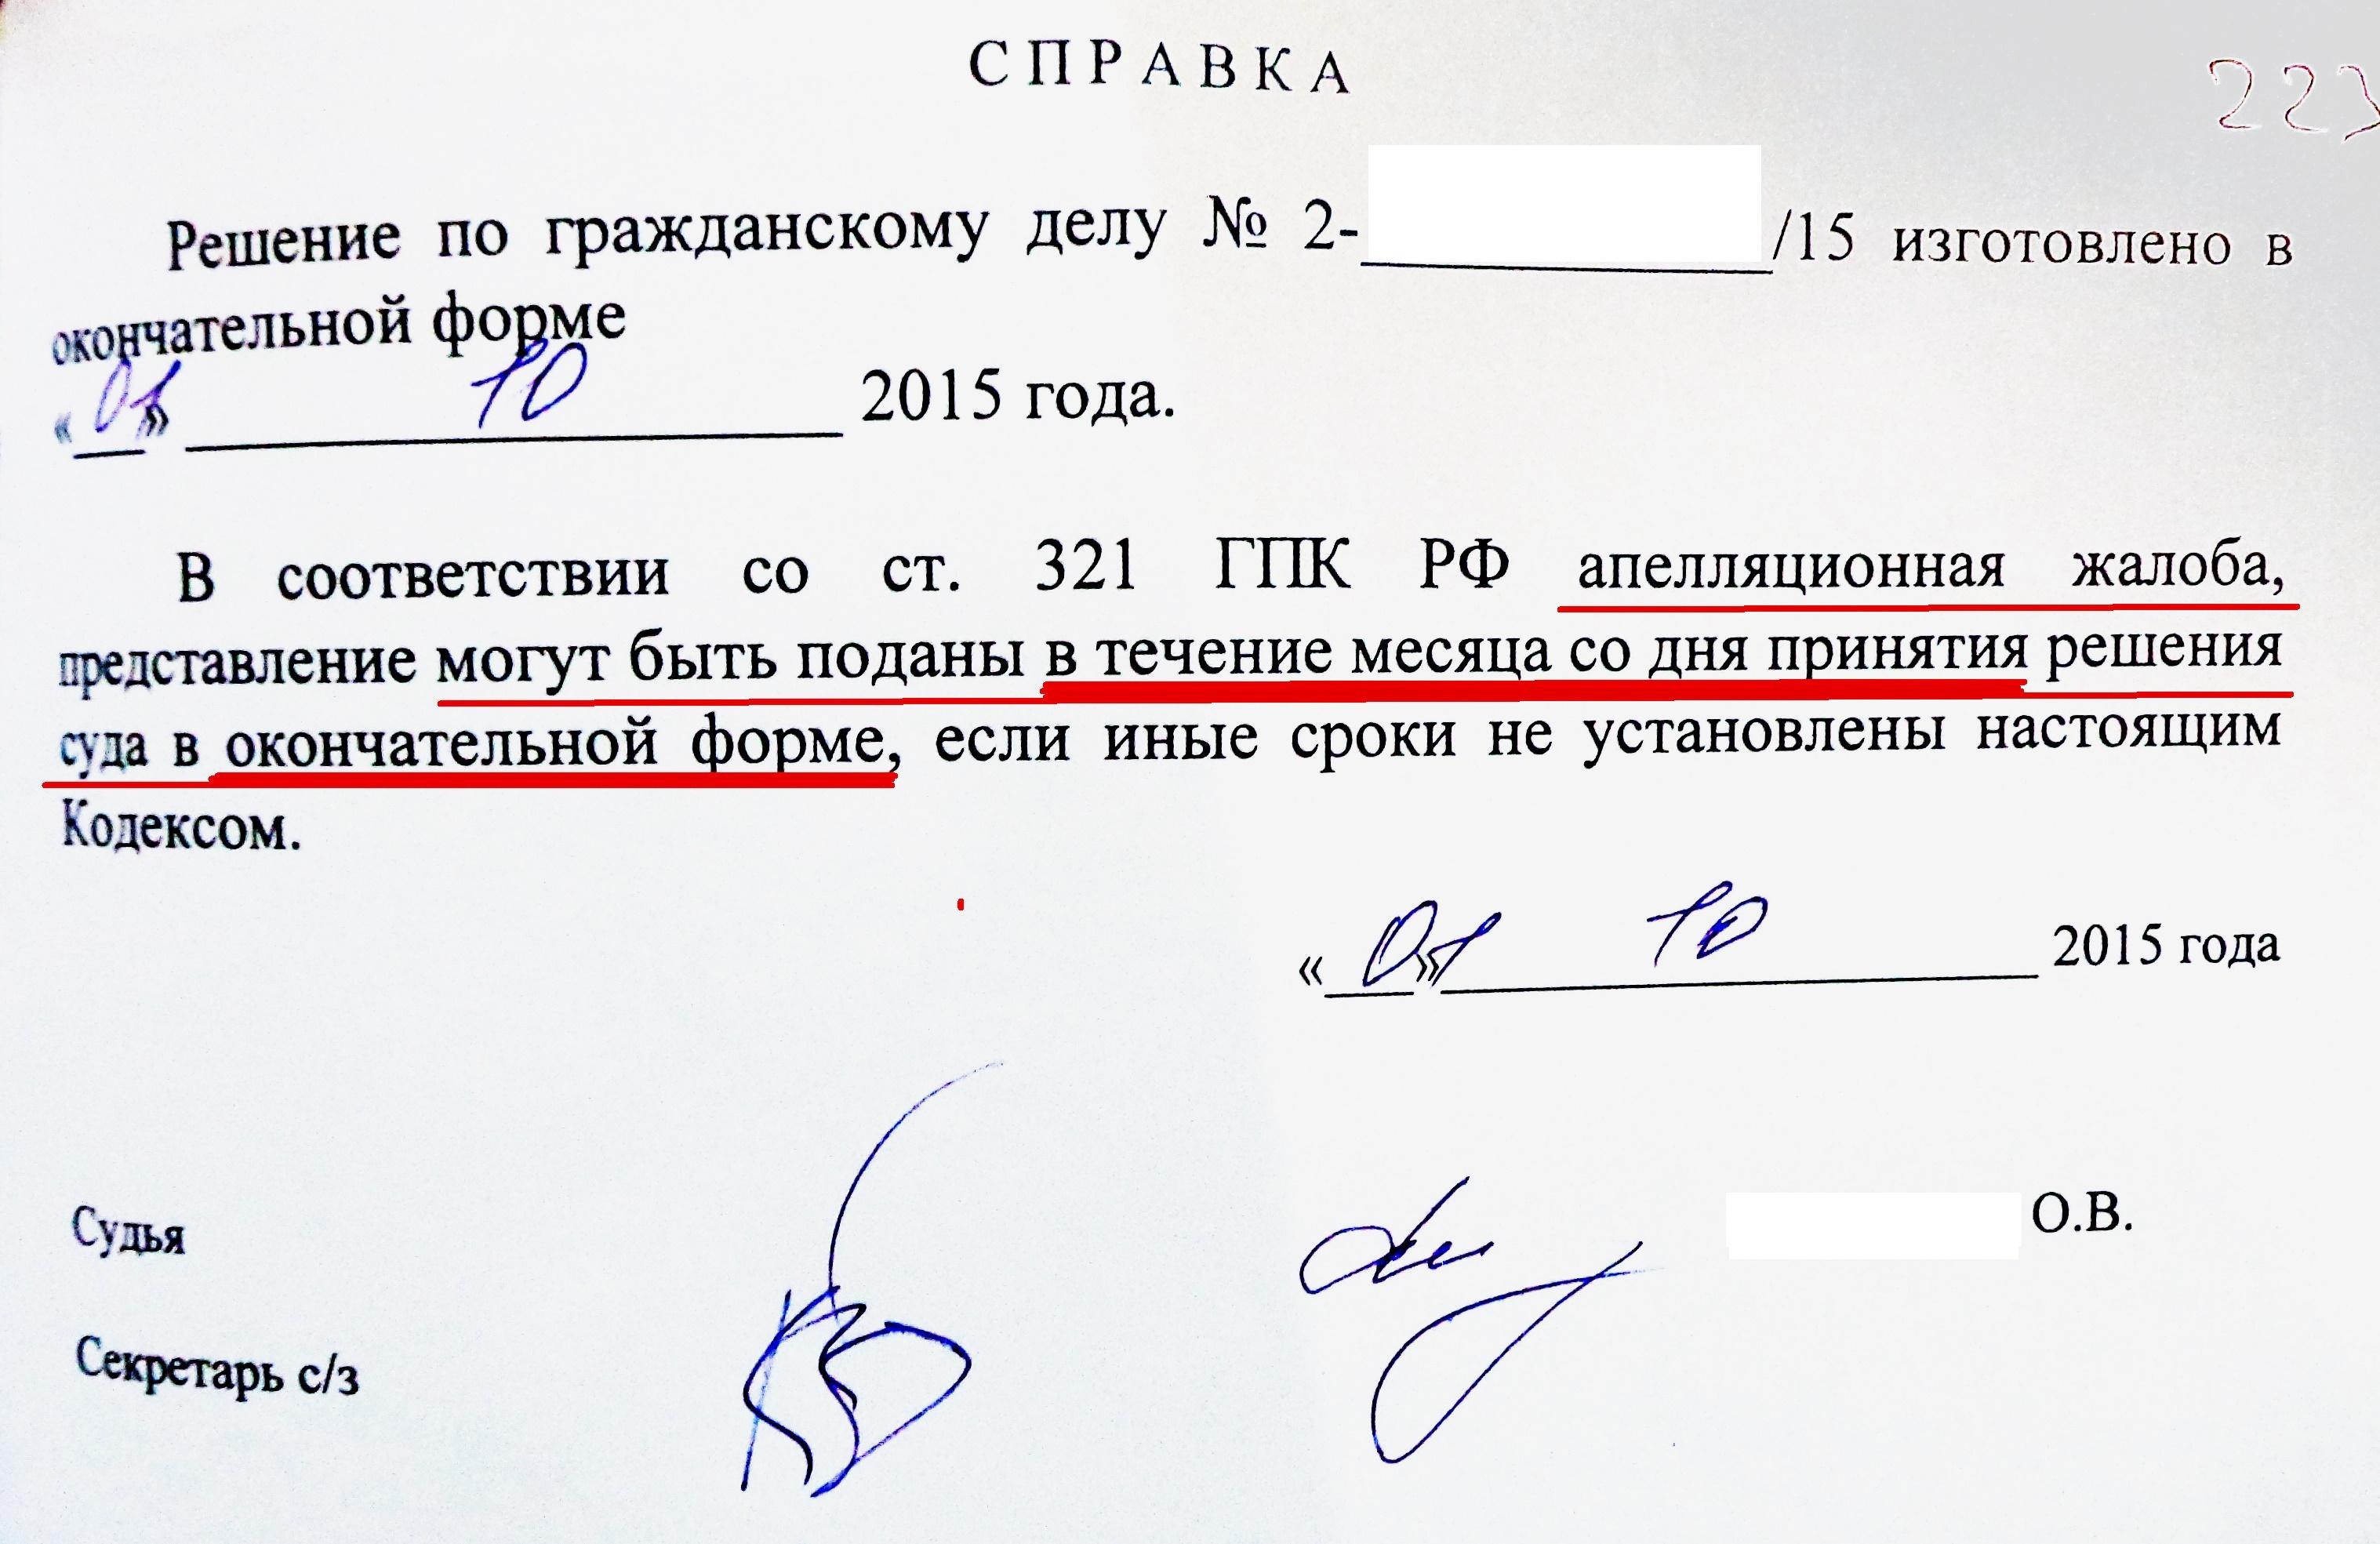 сроки подачи заявления по гражданскому делу